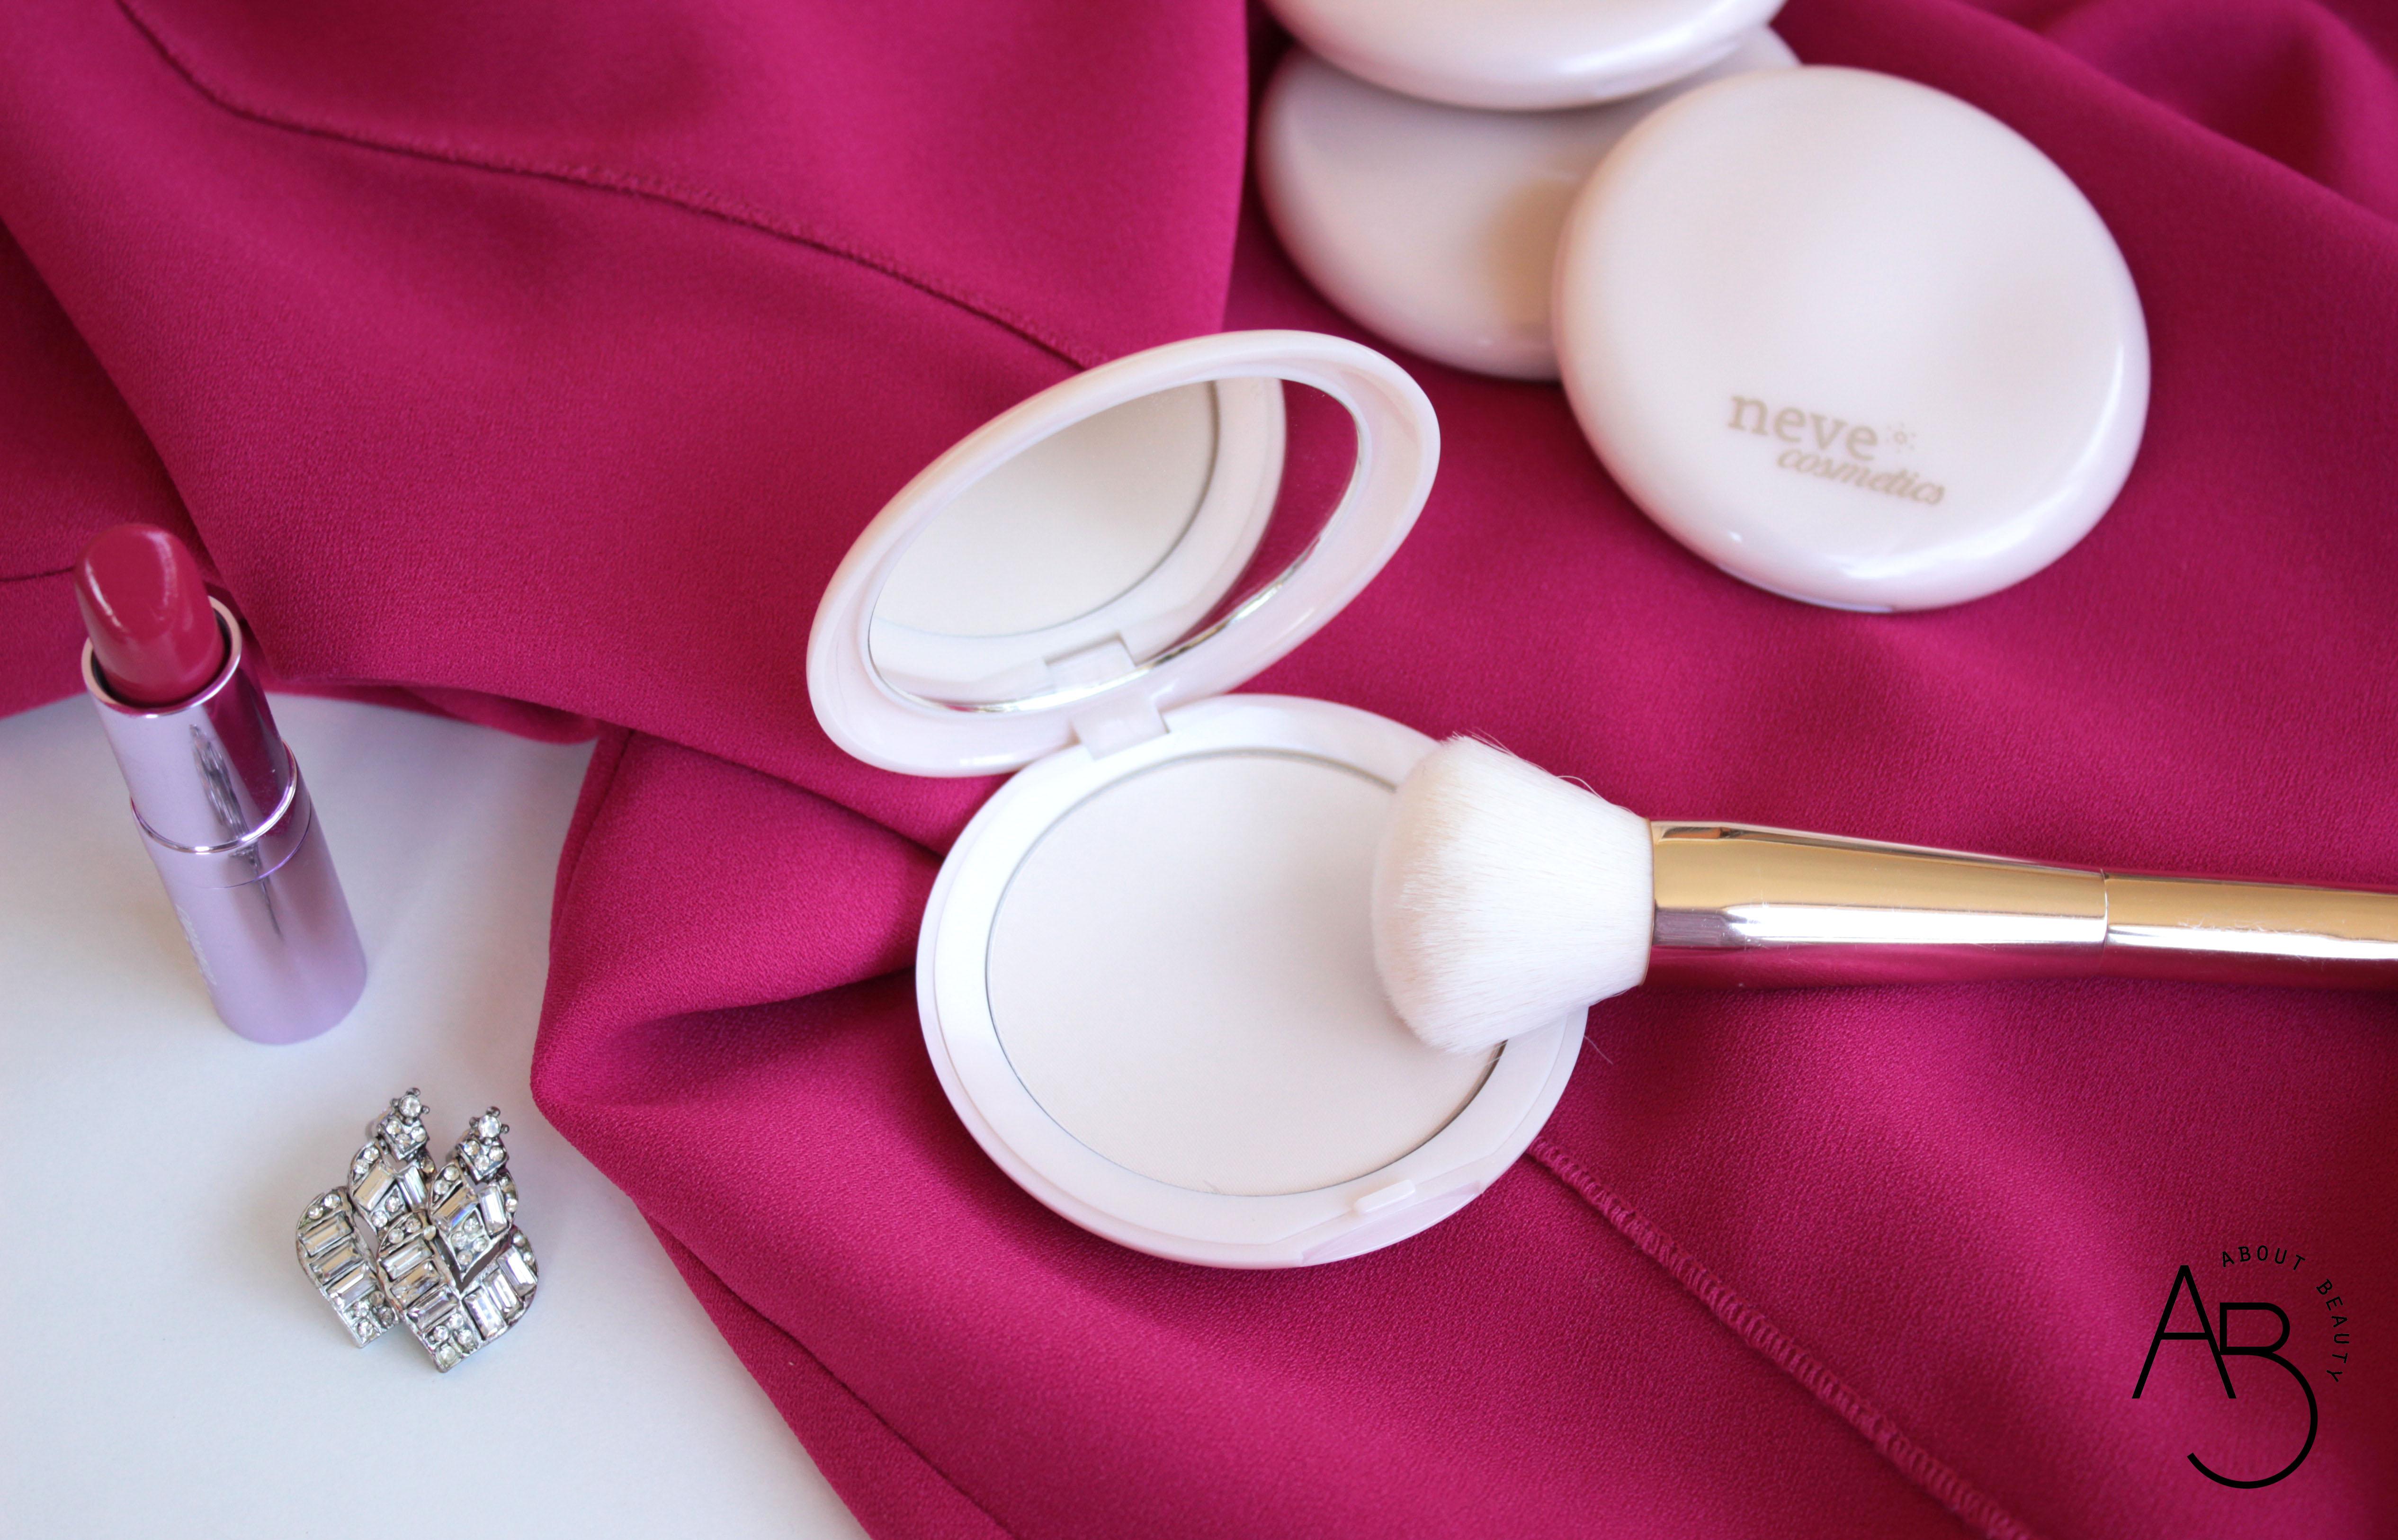 Neve Cosmetics presenta la nuova cipria Fluffy Matte - Recensione, review, swatch, confronto, comparazioni, opinioni, info, sconto, dove acquistare